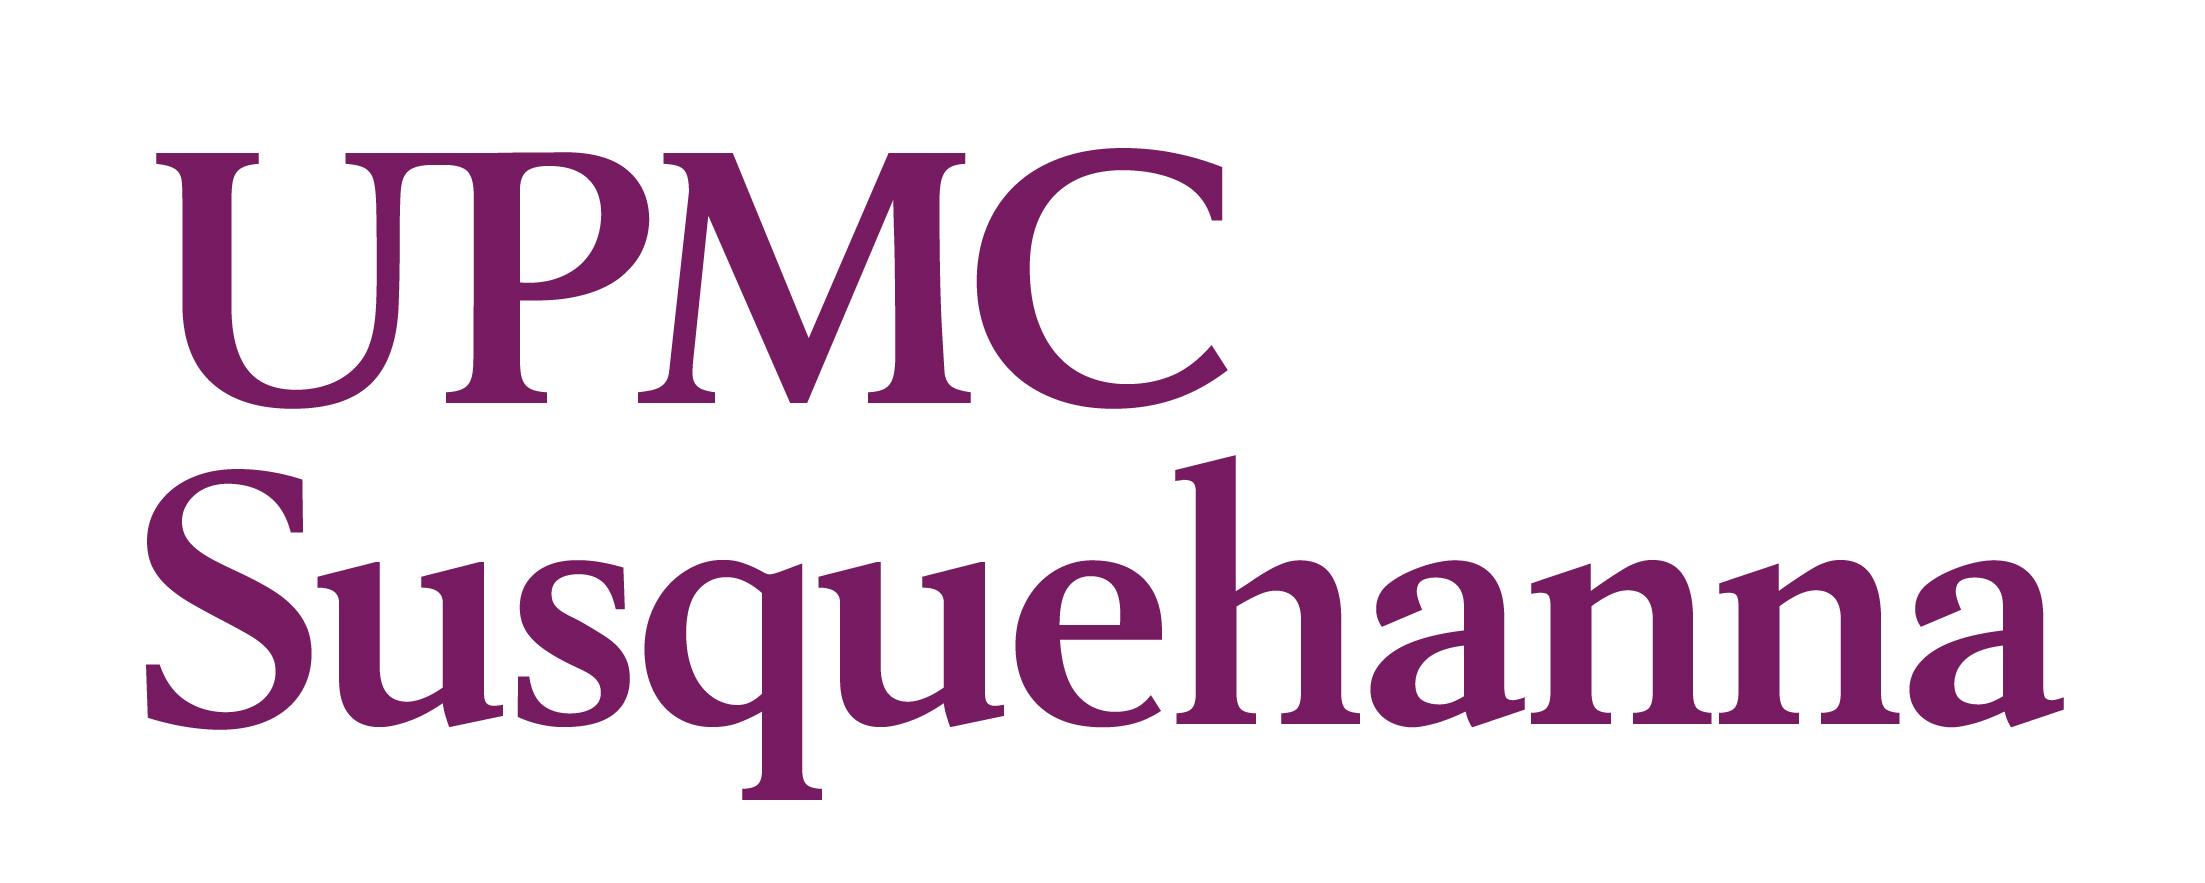 UPMC Susquehanna purple logo